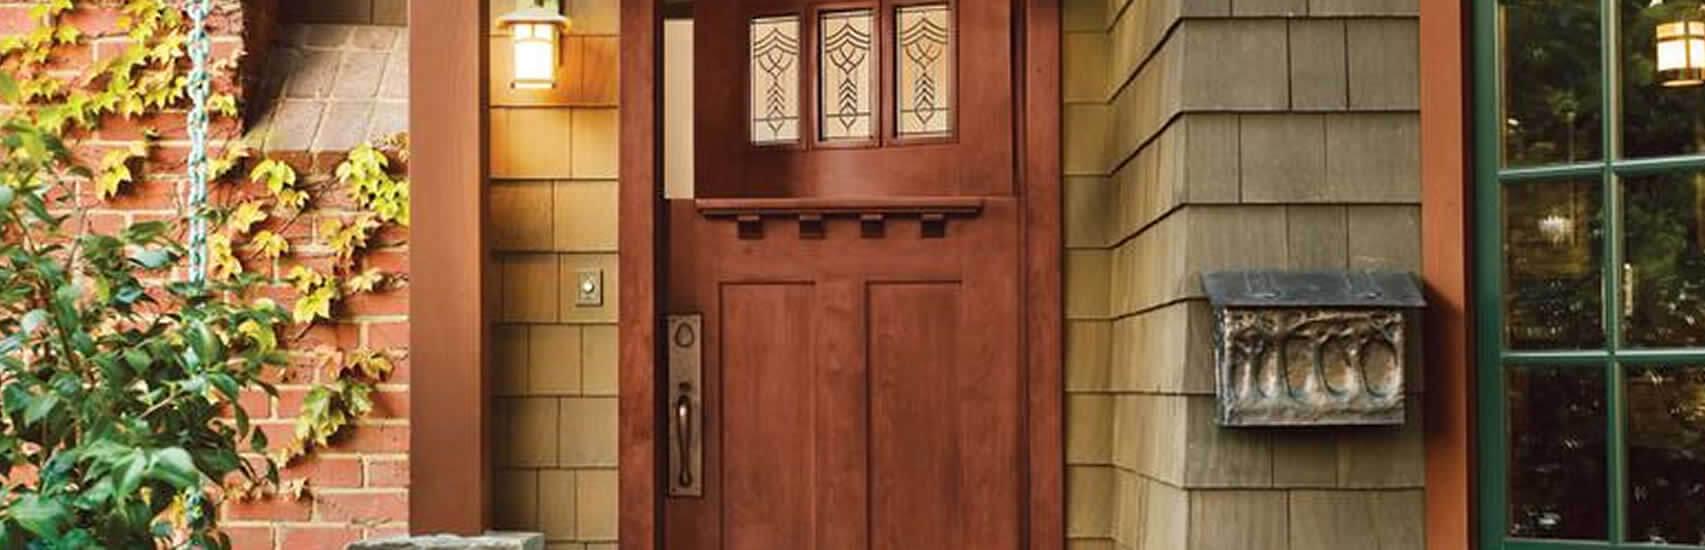 replace your front door fair oaks ca replacement windows and doors